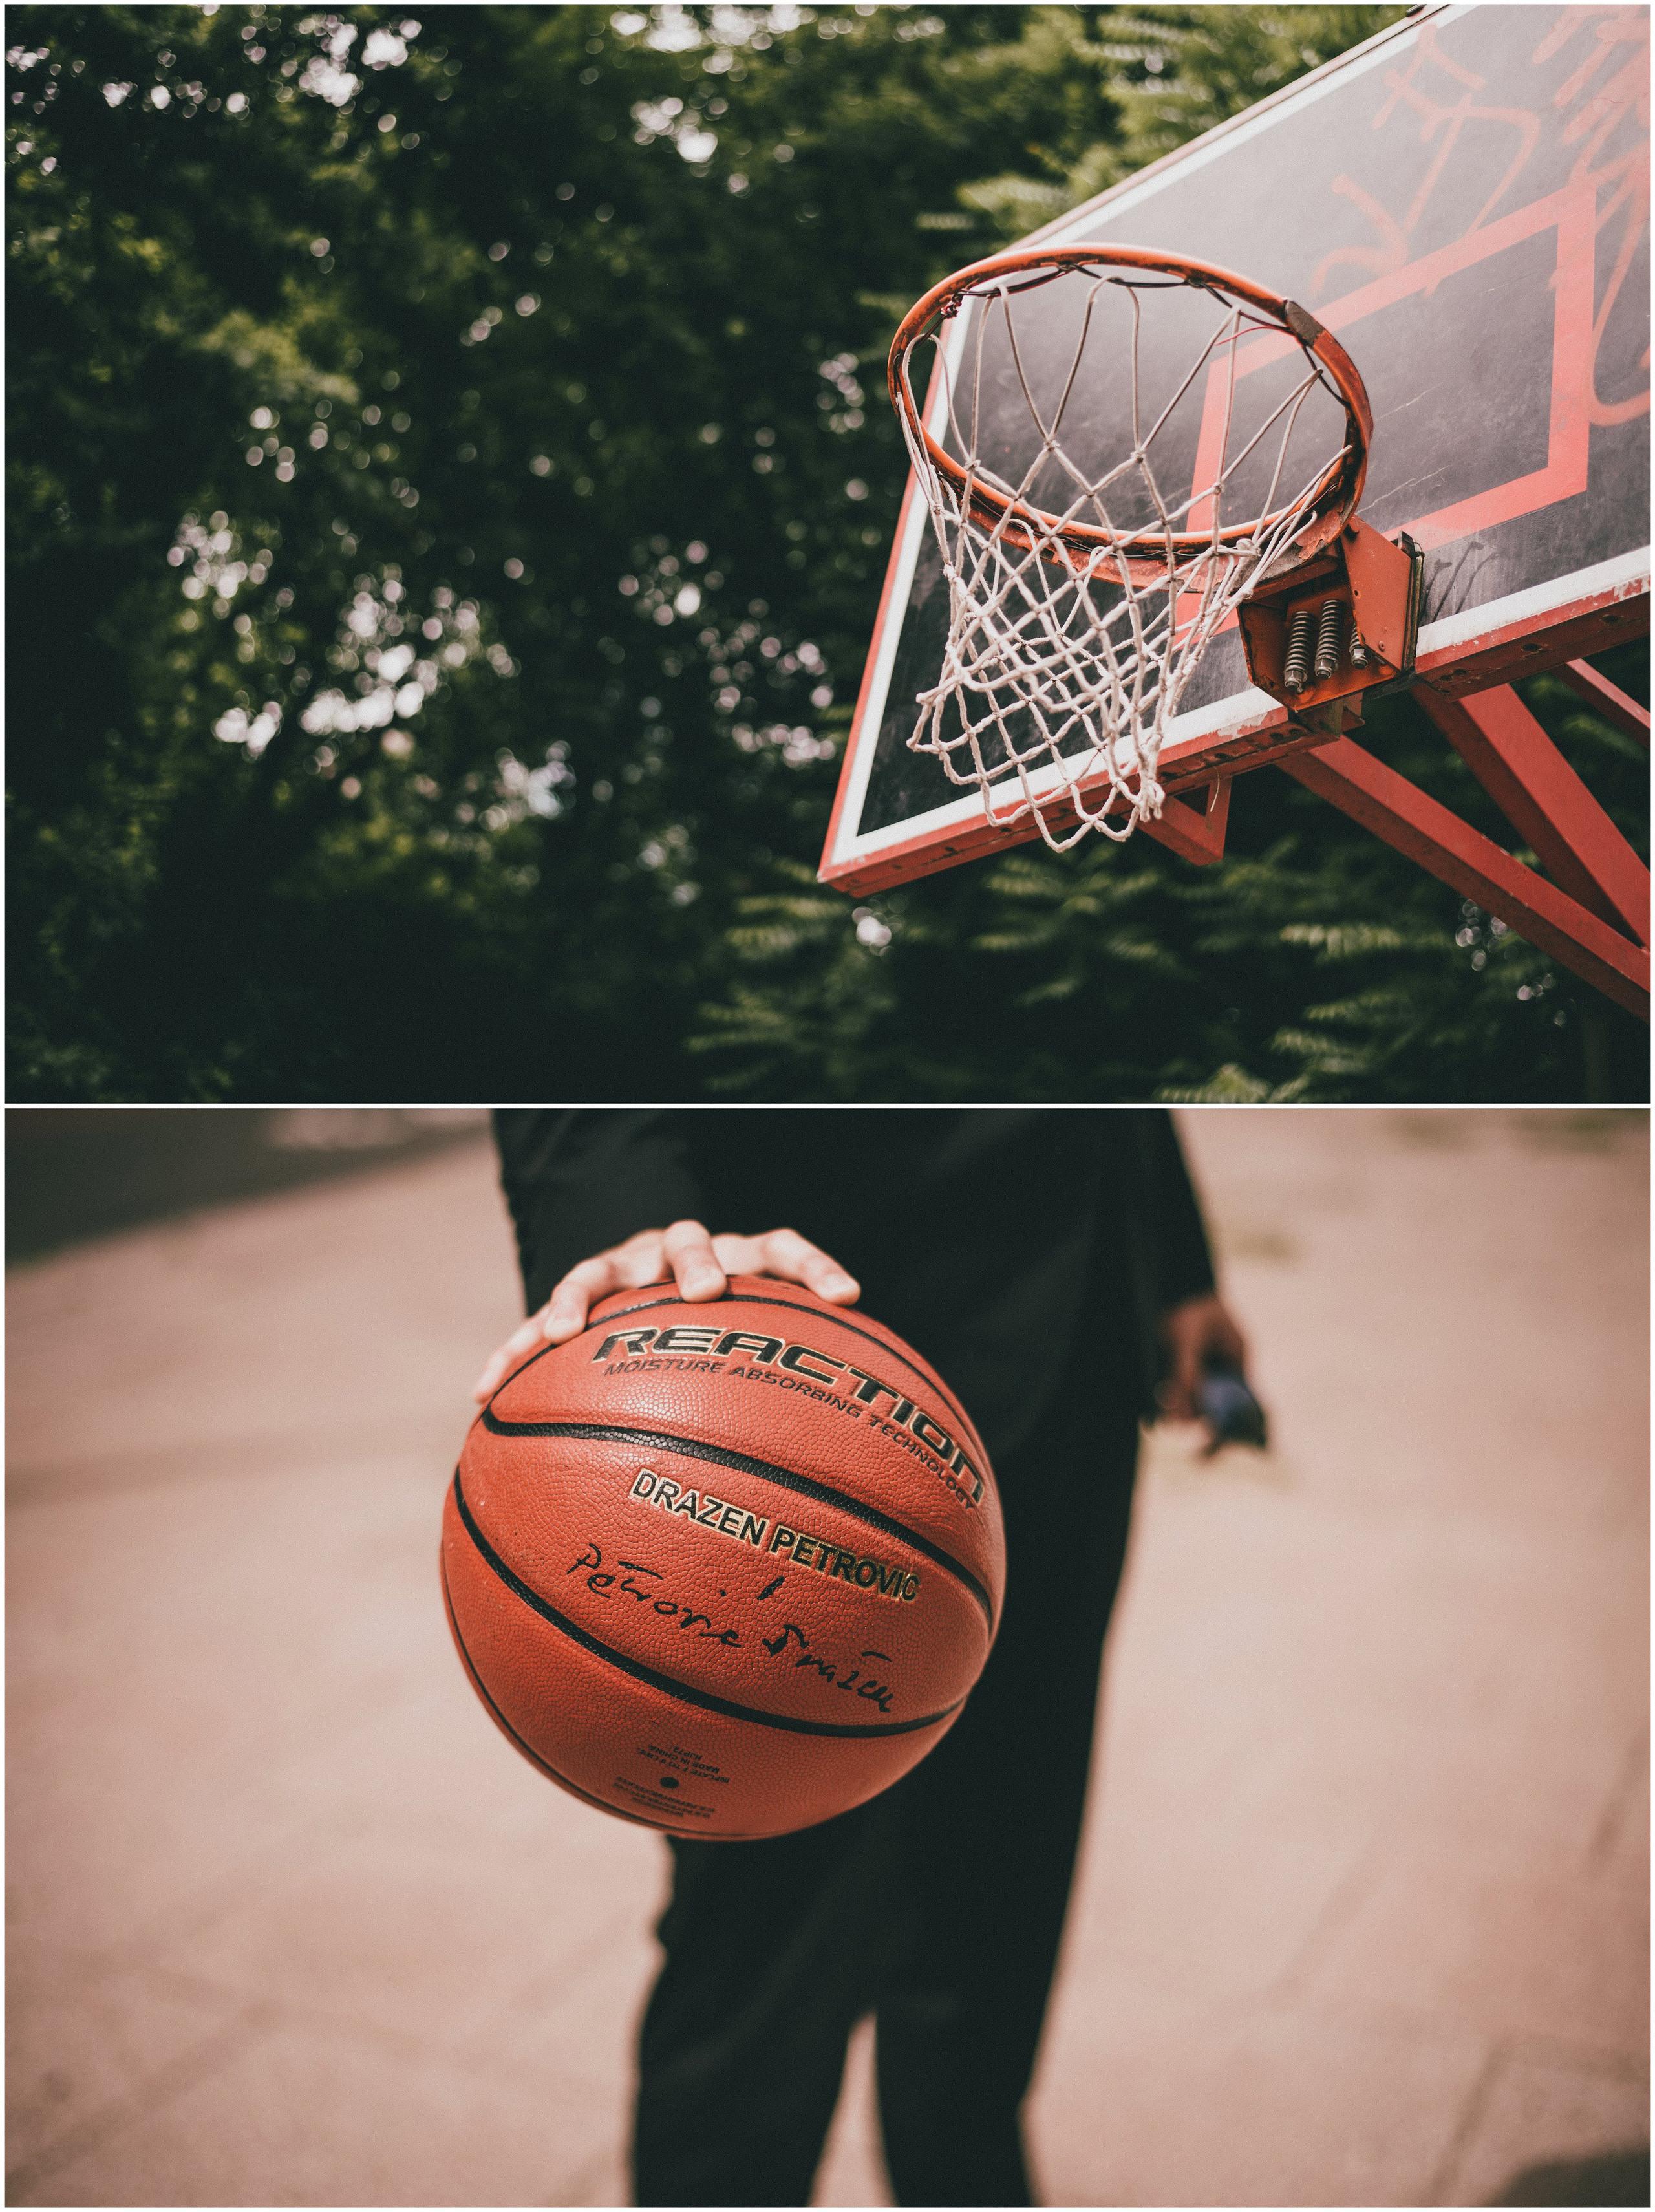 Mladoženja s košarkaškom loptom